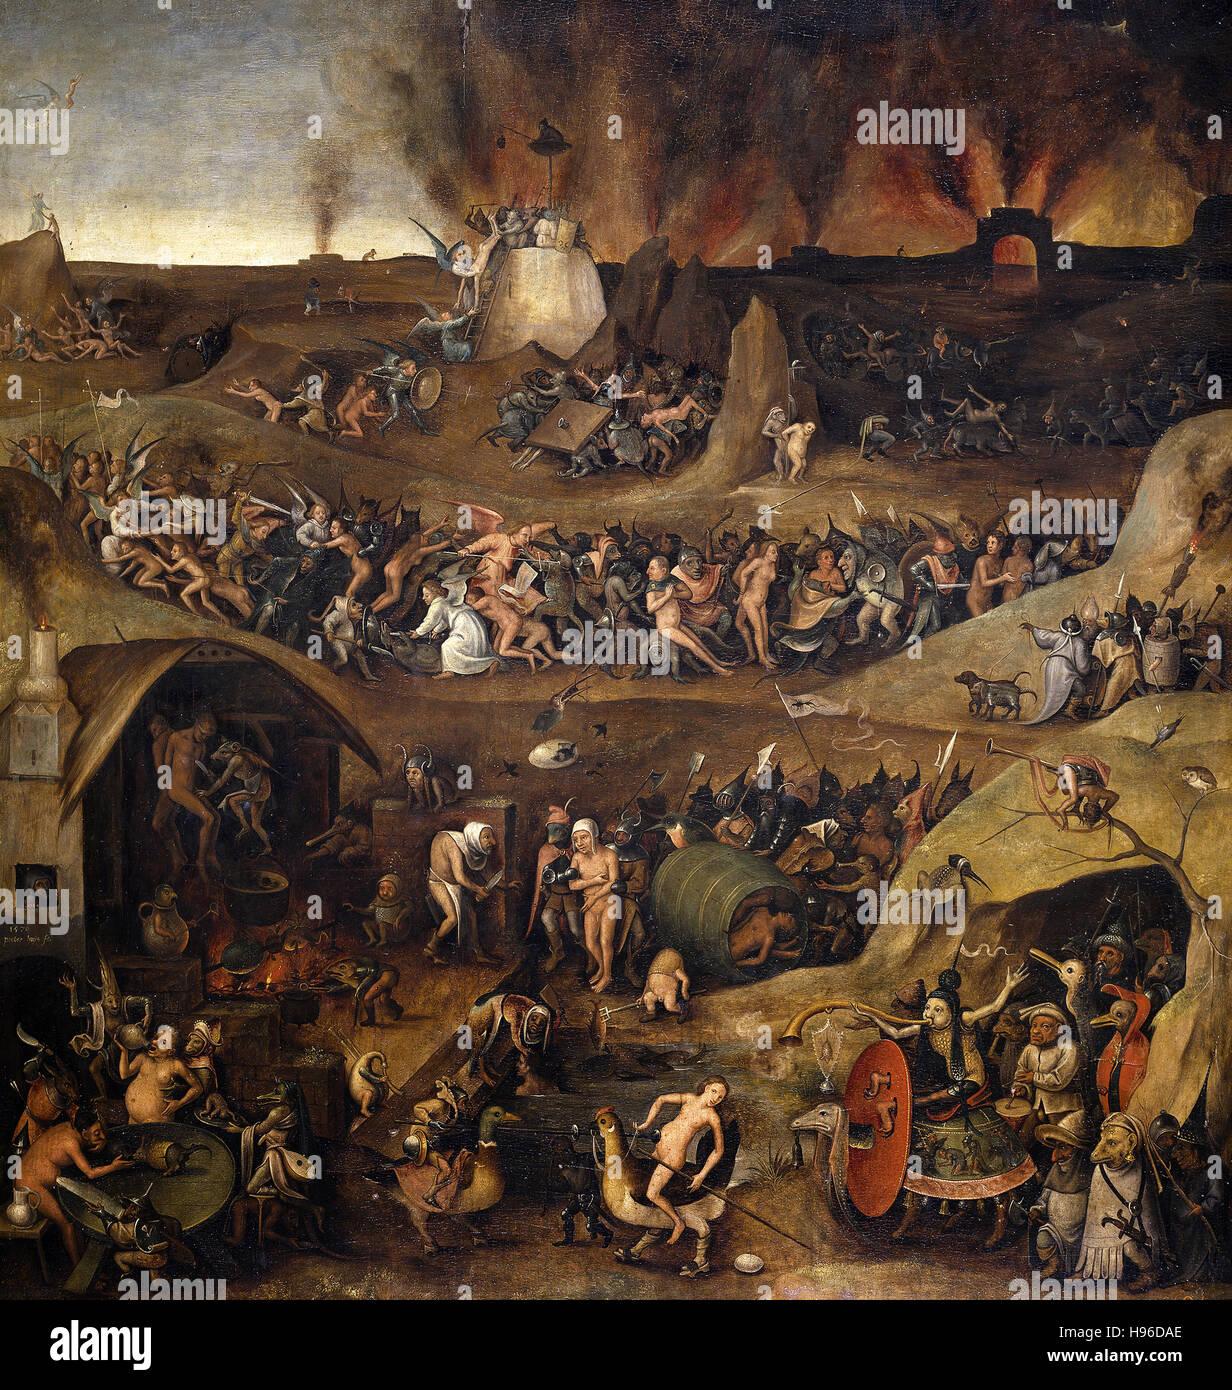 1570. Olio su pannello. 86 x 82 cm. Museo Nacional del Prado di Madrid. P02095. Immagini Stock